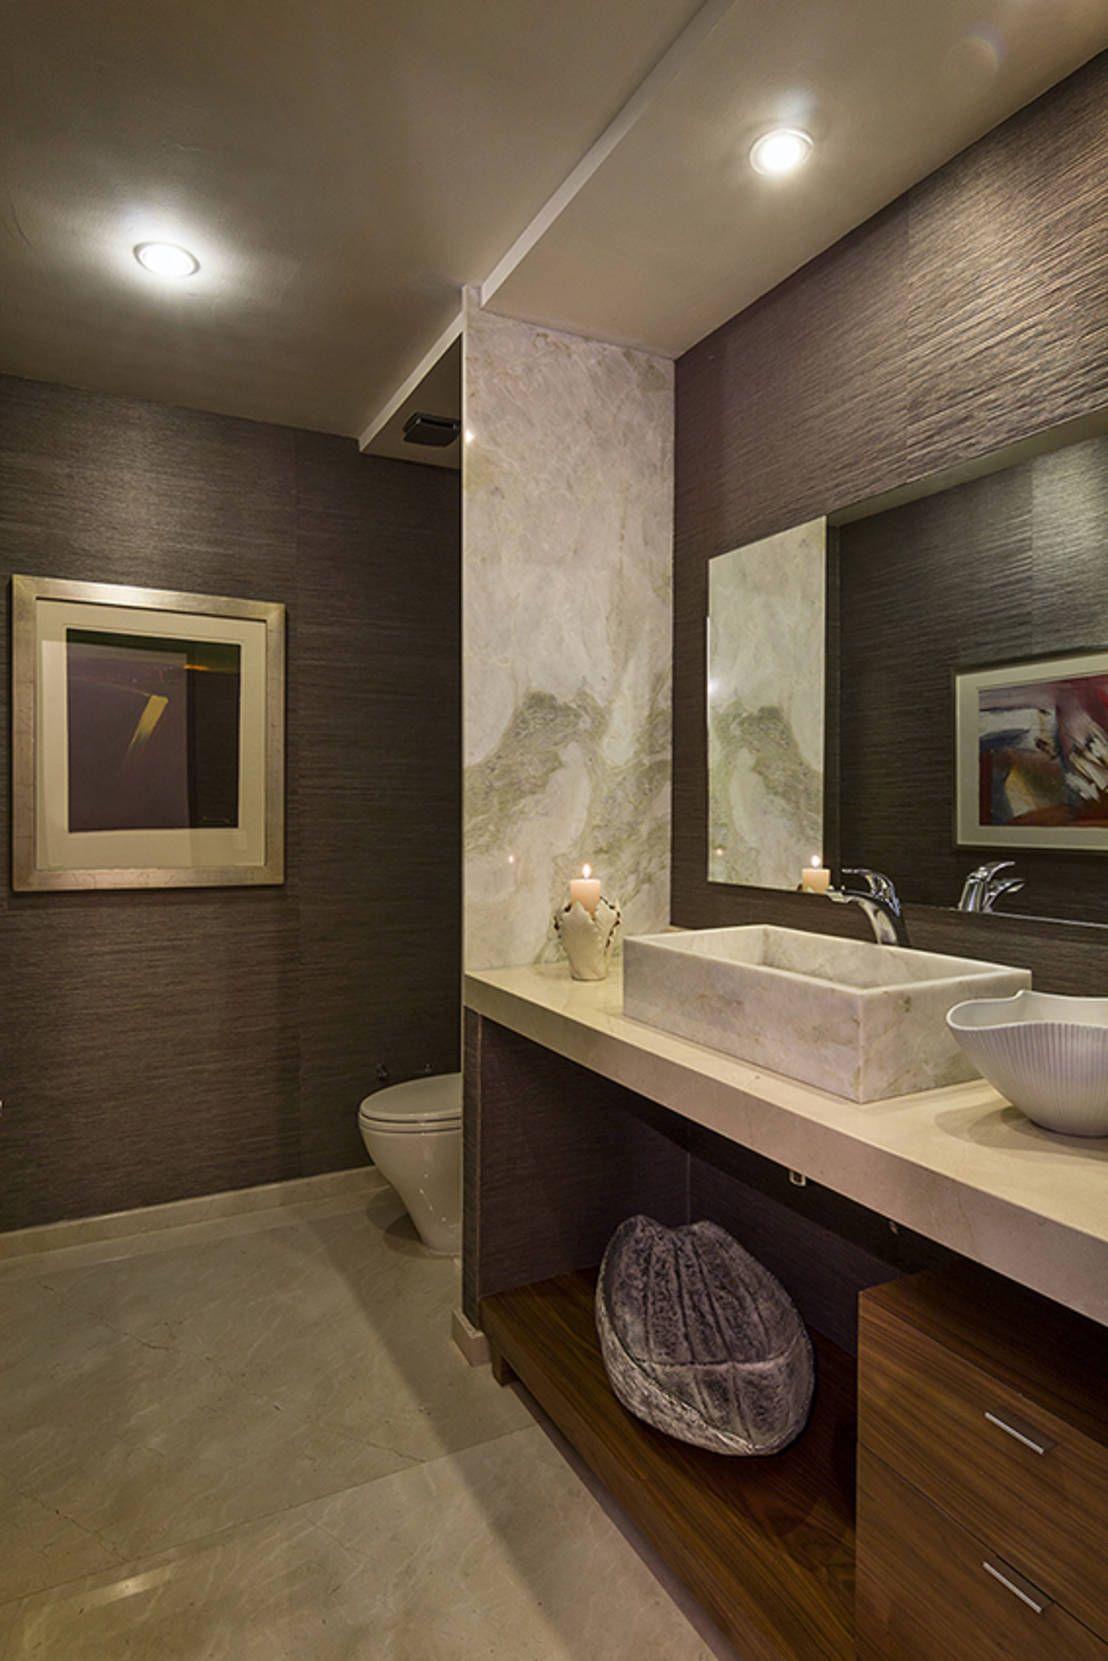 7 consejos para que tu casa est r e l u c i e n t e for Muebles de bano modernos pequenos